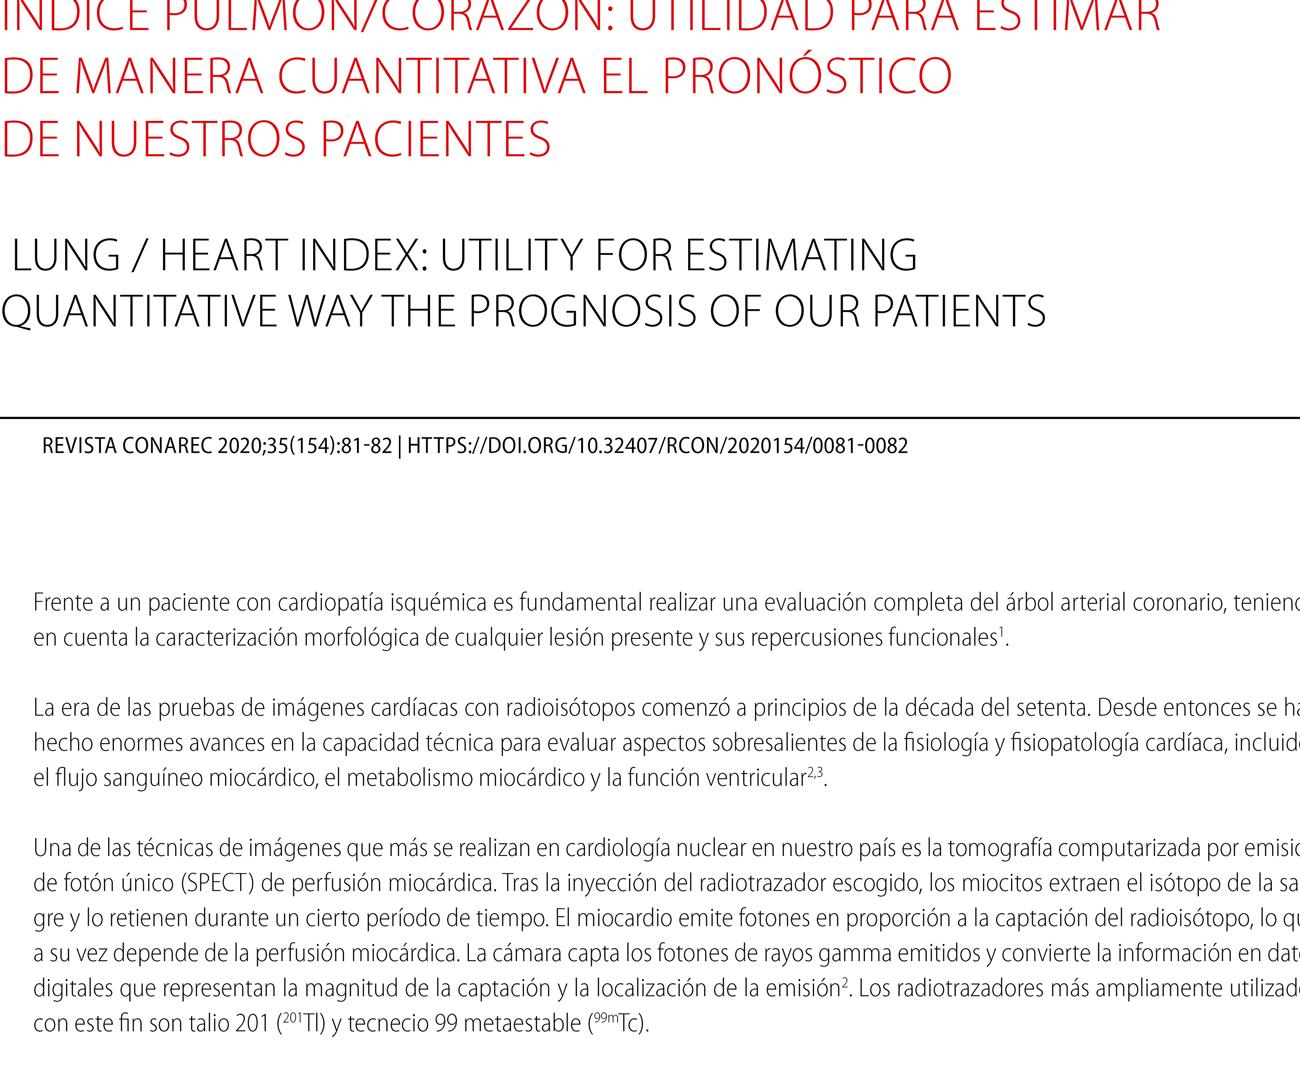 Índice pulmón/corazón: utilidad para estimar  de manera cuantitativa el pronóstico  de nuestros pacientes